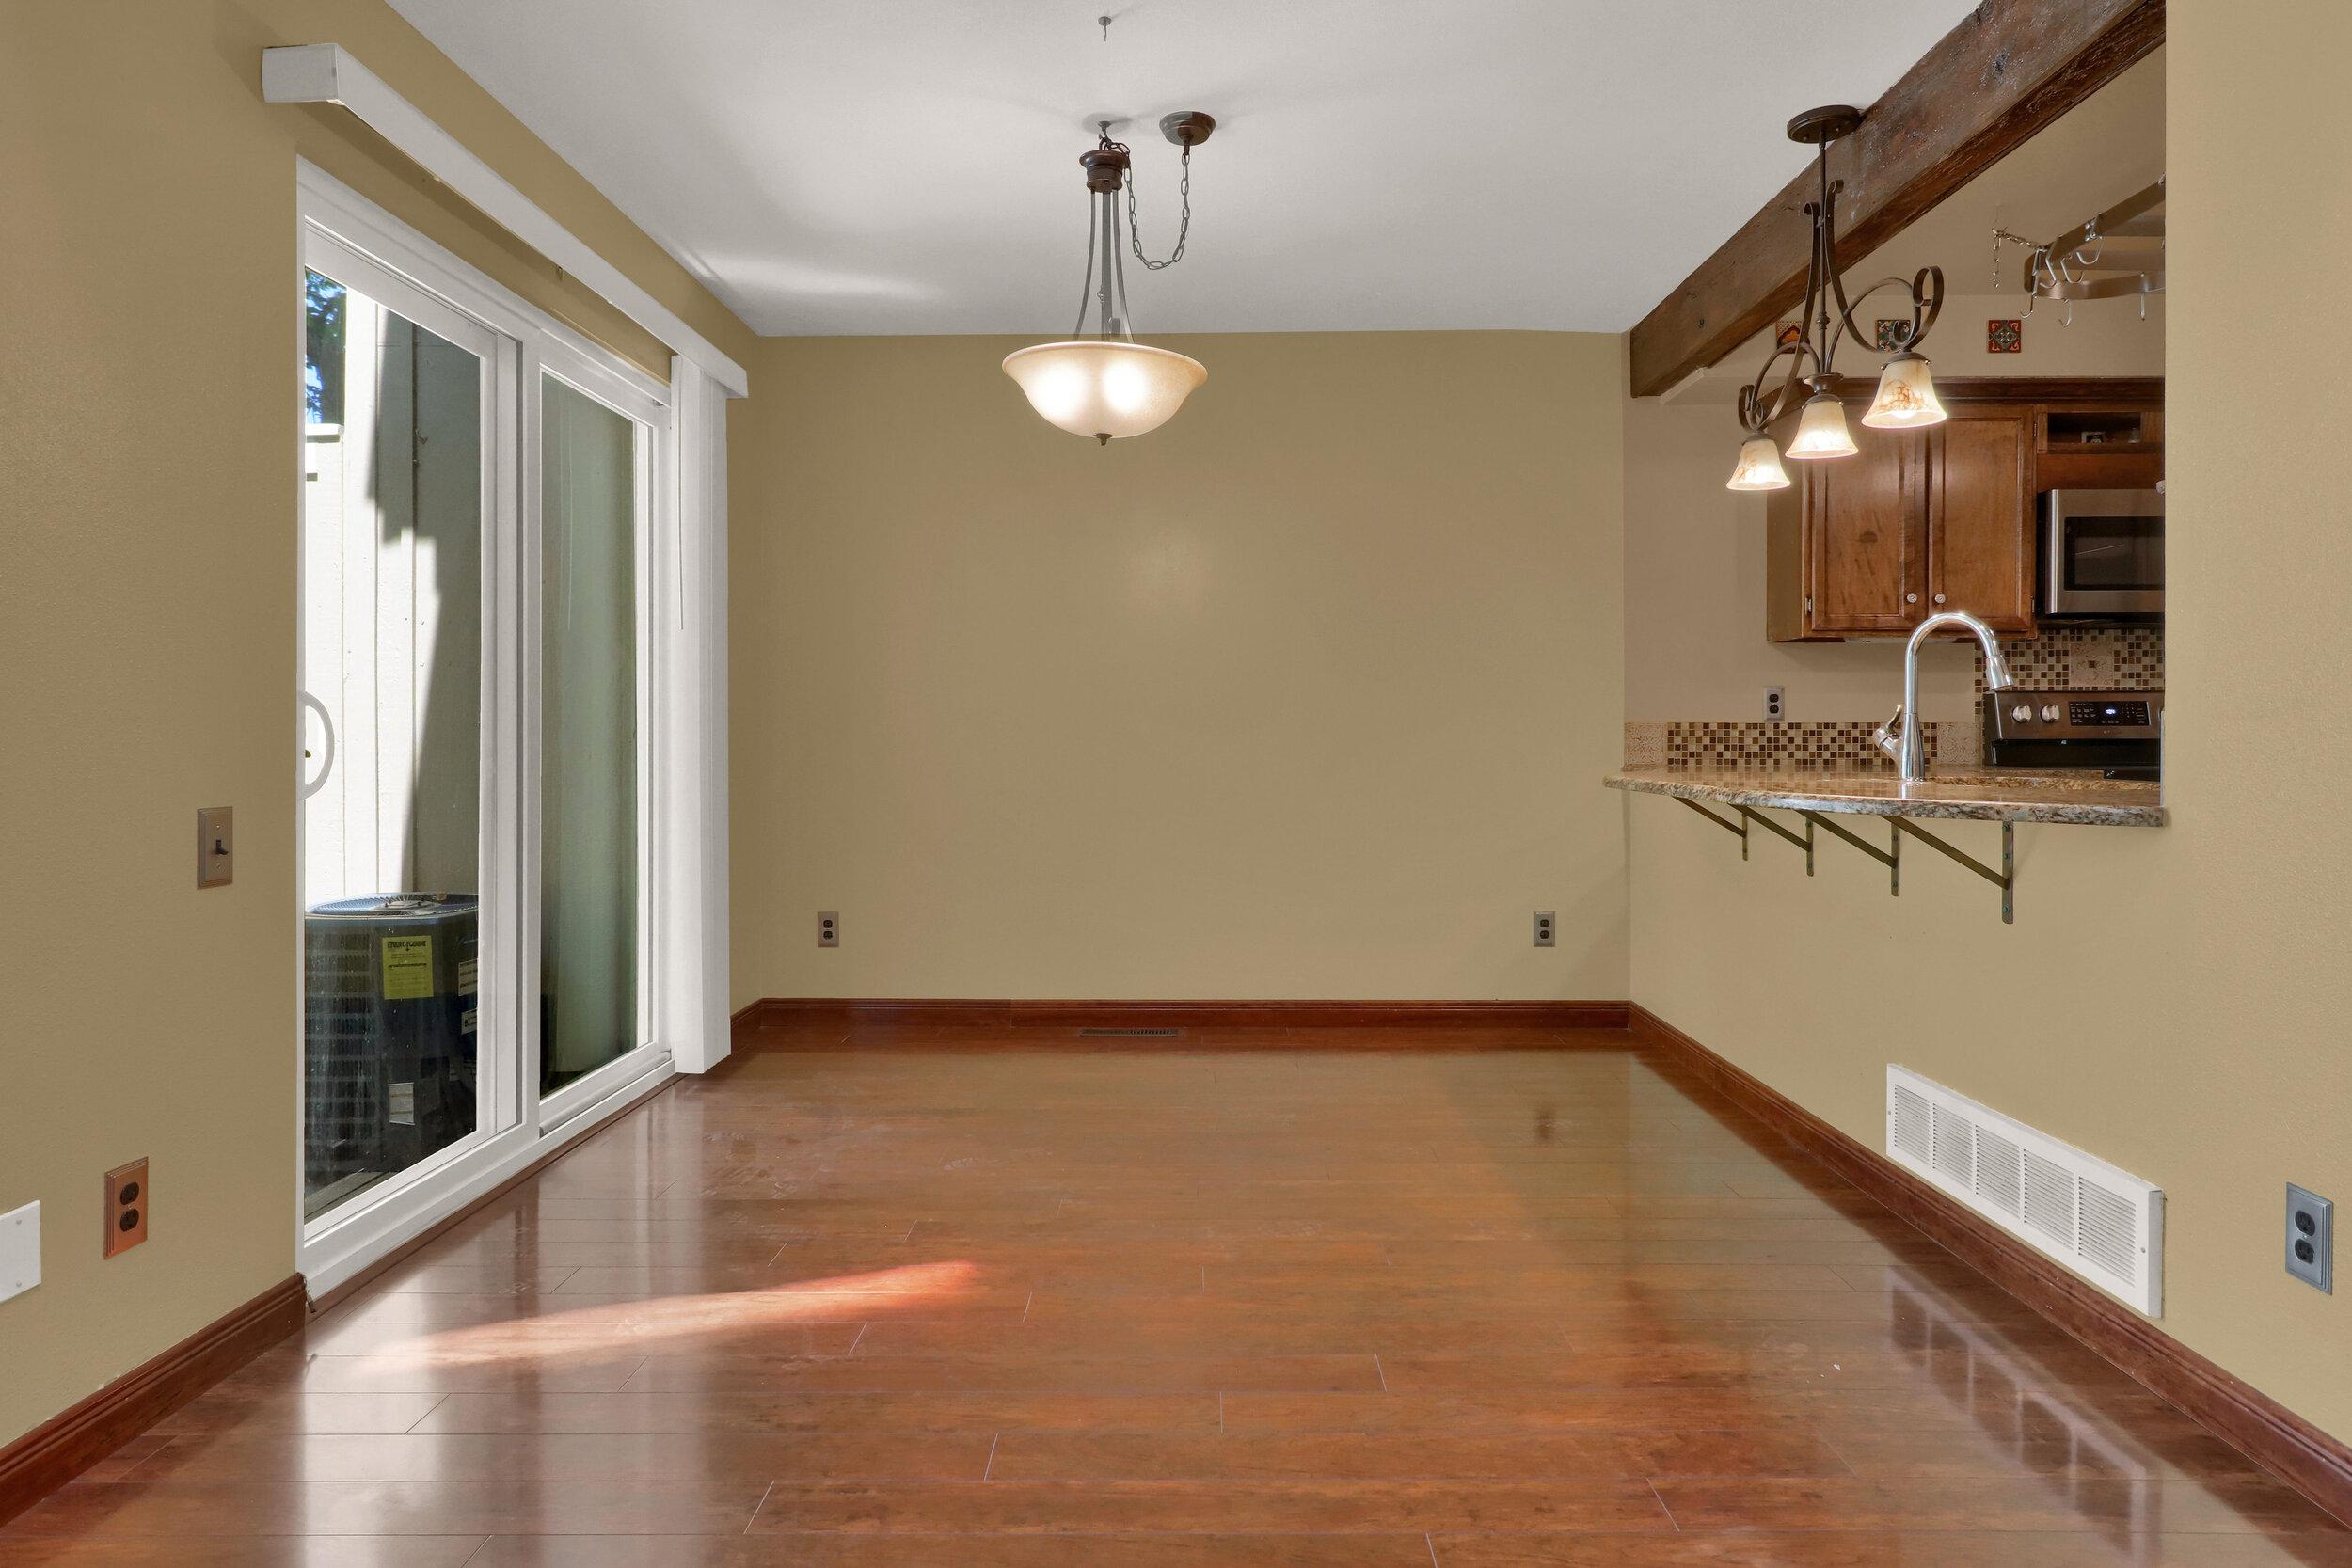 9970 Grove Street Unit B-print-006-007-Dining Room-4200x2801-300dpi.jpg